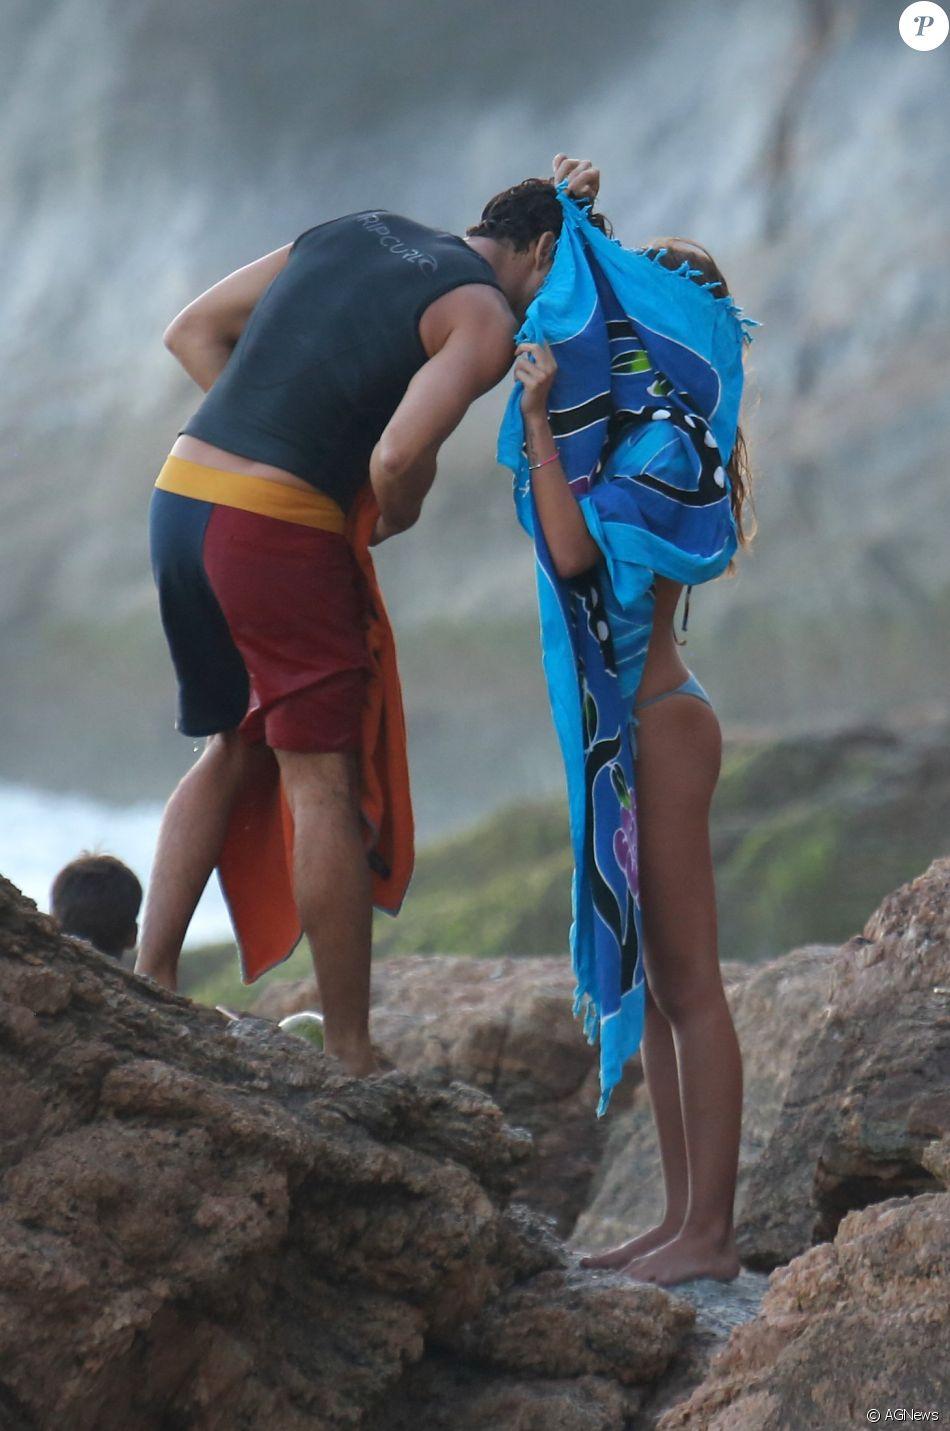 Cauã Reymond e Mariana Goldfarb curtiram a praia da Joatinga, na Zona Oeste do Rio, neste domingo, 12 de fevereiro de 2017. O casal usou uma canga para esconder um beijo